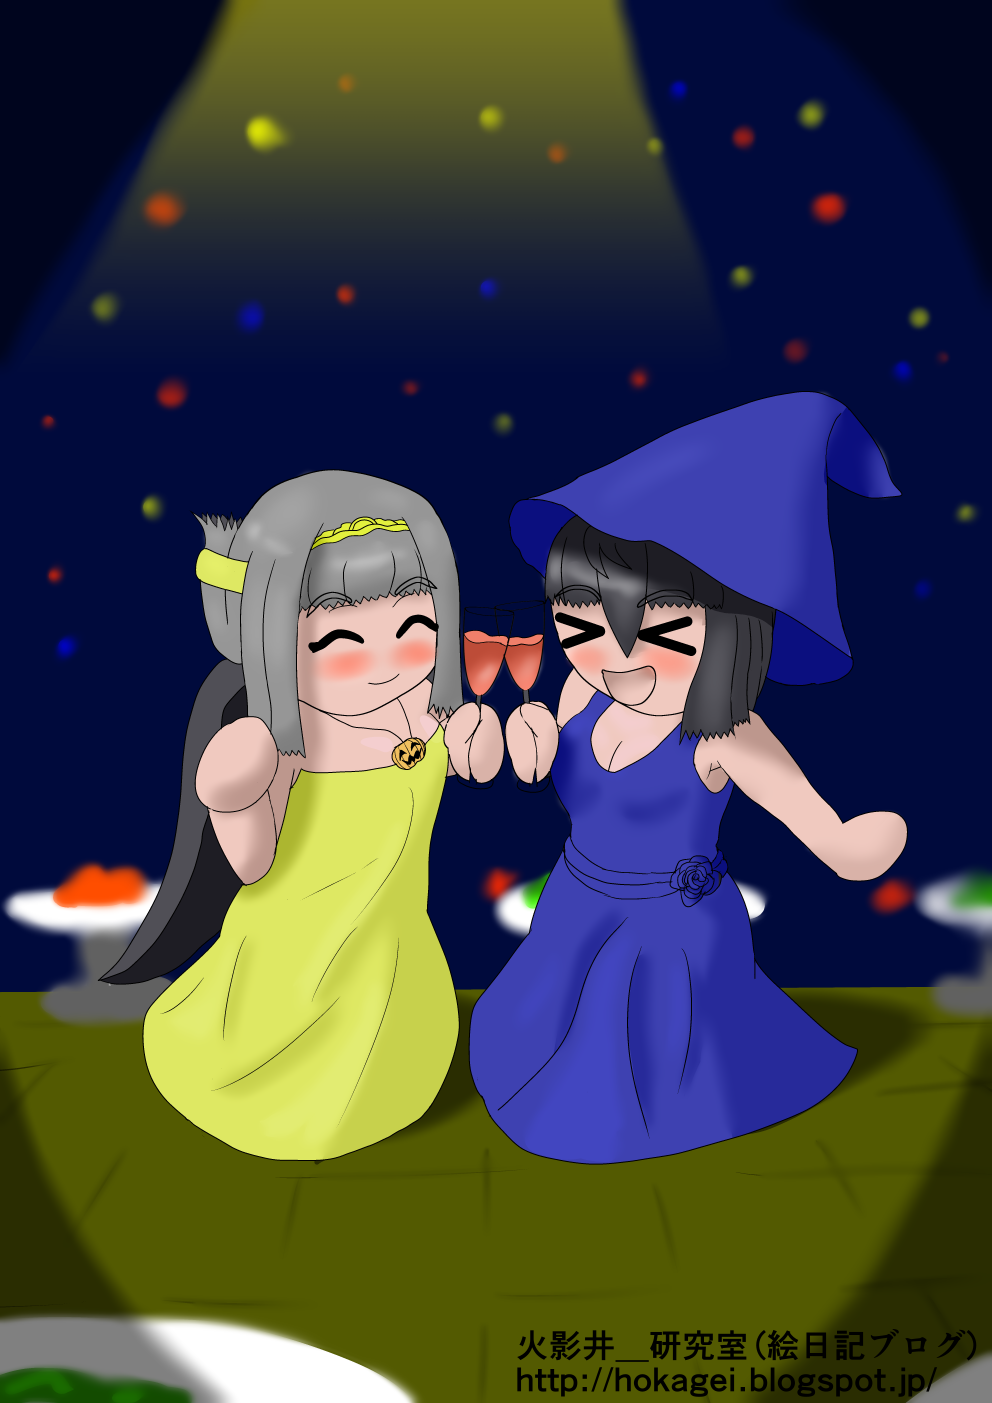 ハロウィンパーティー(八雲楓、羽園雫)